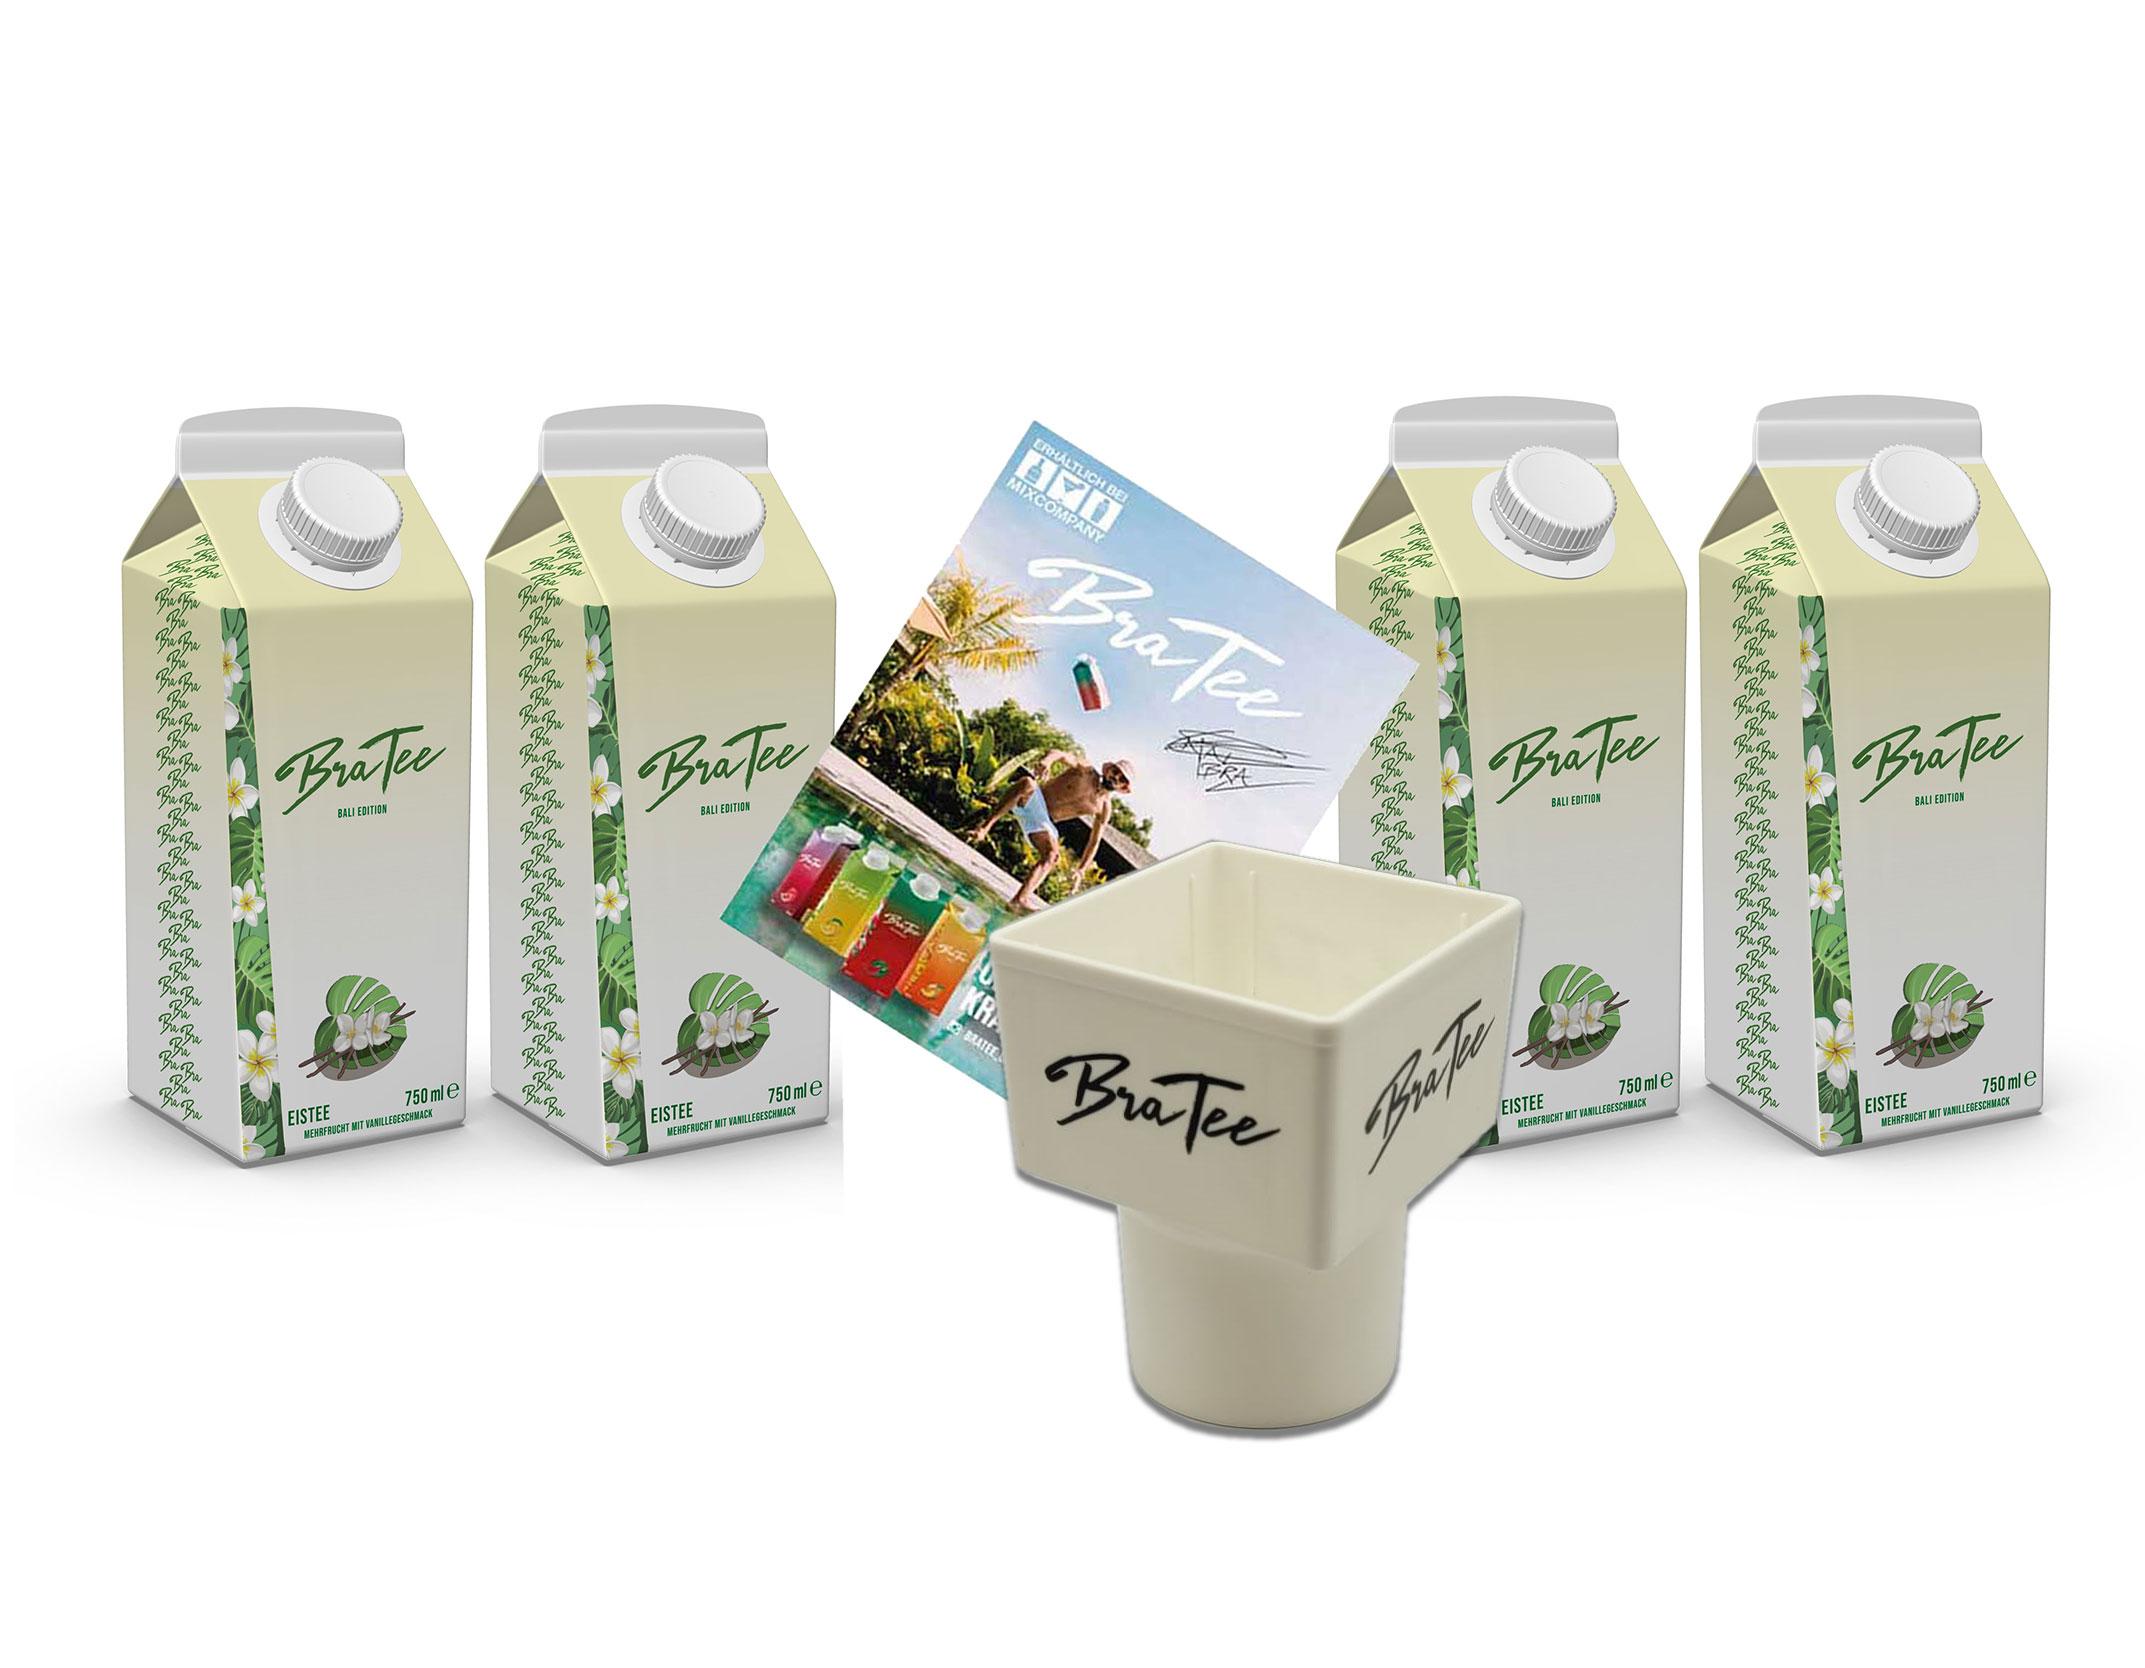 Capital BraTee Bali Edition 4er Set Special Eistee je 750ml + Gratis Getränkehalter + Autogrammkarte BRATEE Limited Edition Ice tea Mehrfrucht mit Vanillegeschmack mit Capi-Qualitäts-Siegel - Du weisst Bescheid